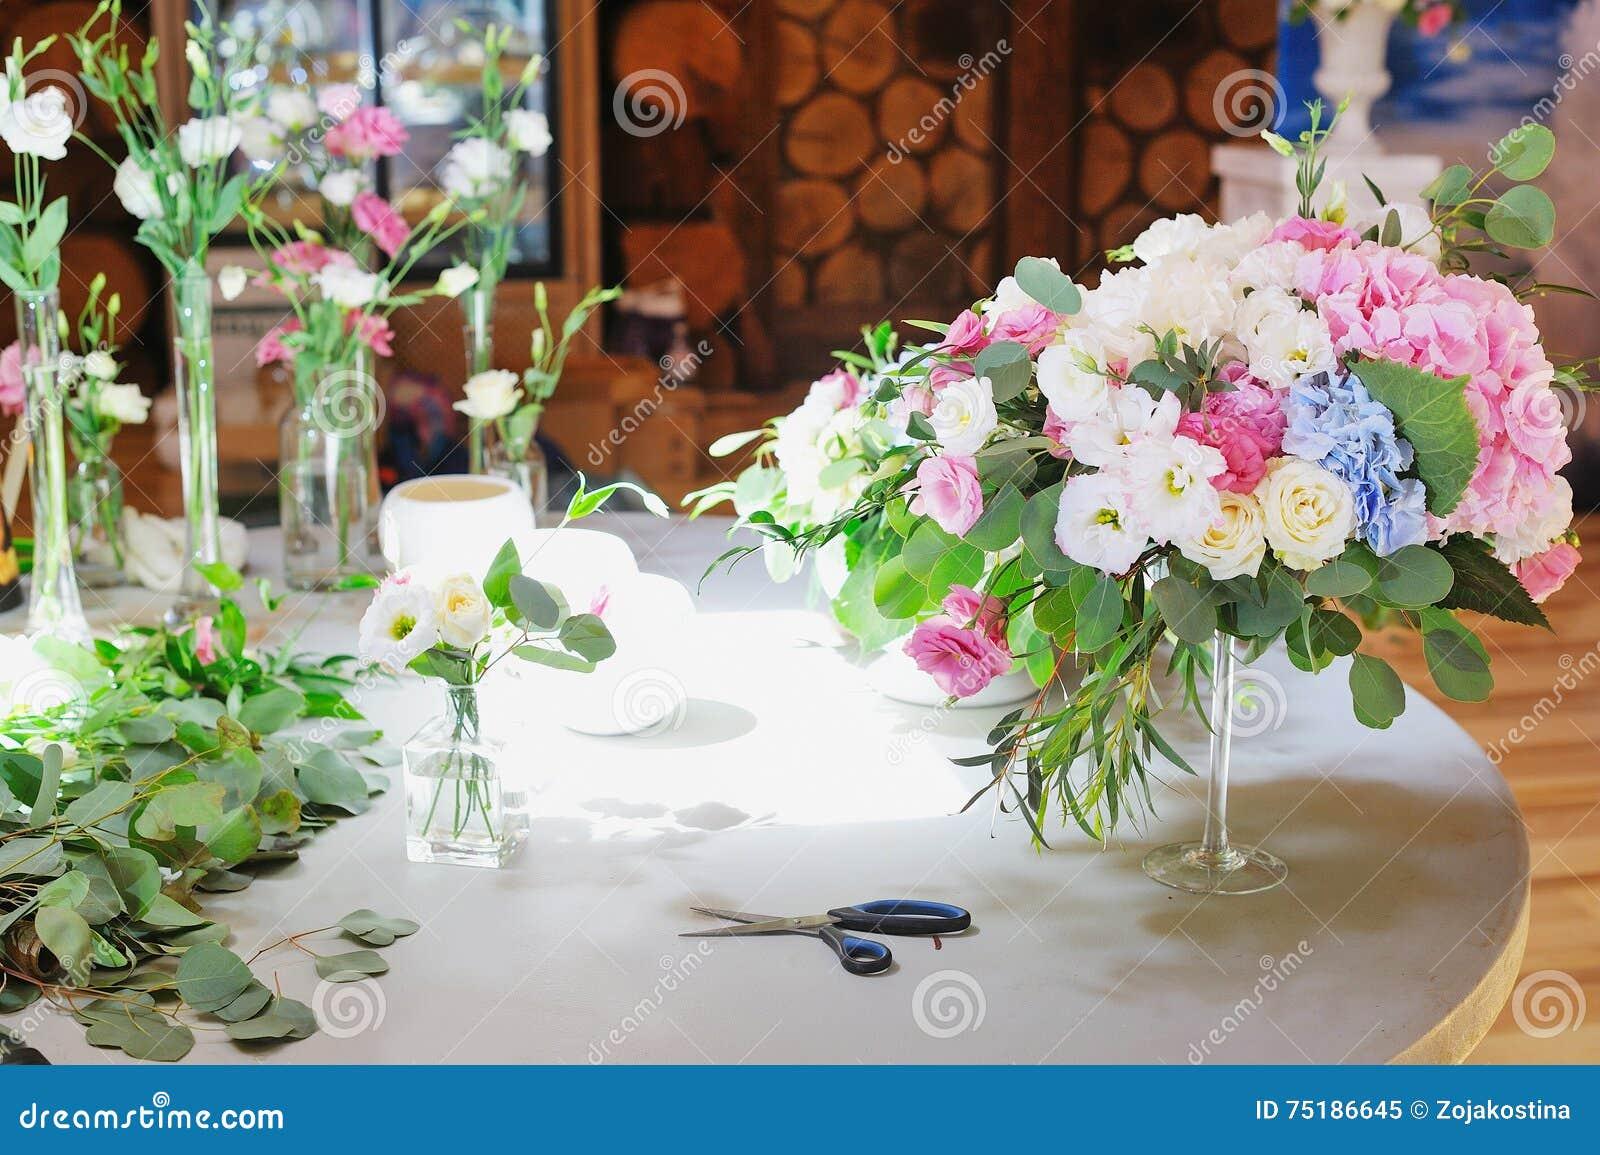 Espace De Travail De Fleuriste Pour La R Ception De Mariage De